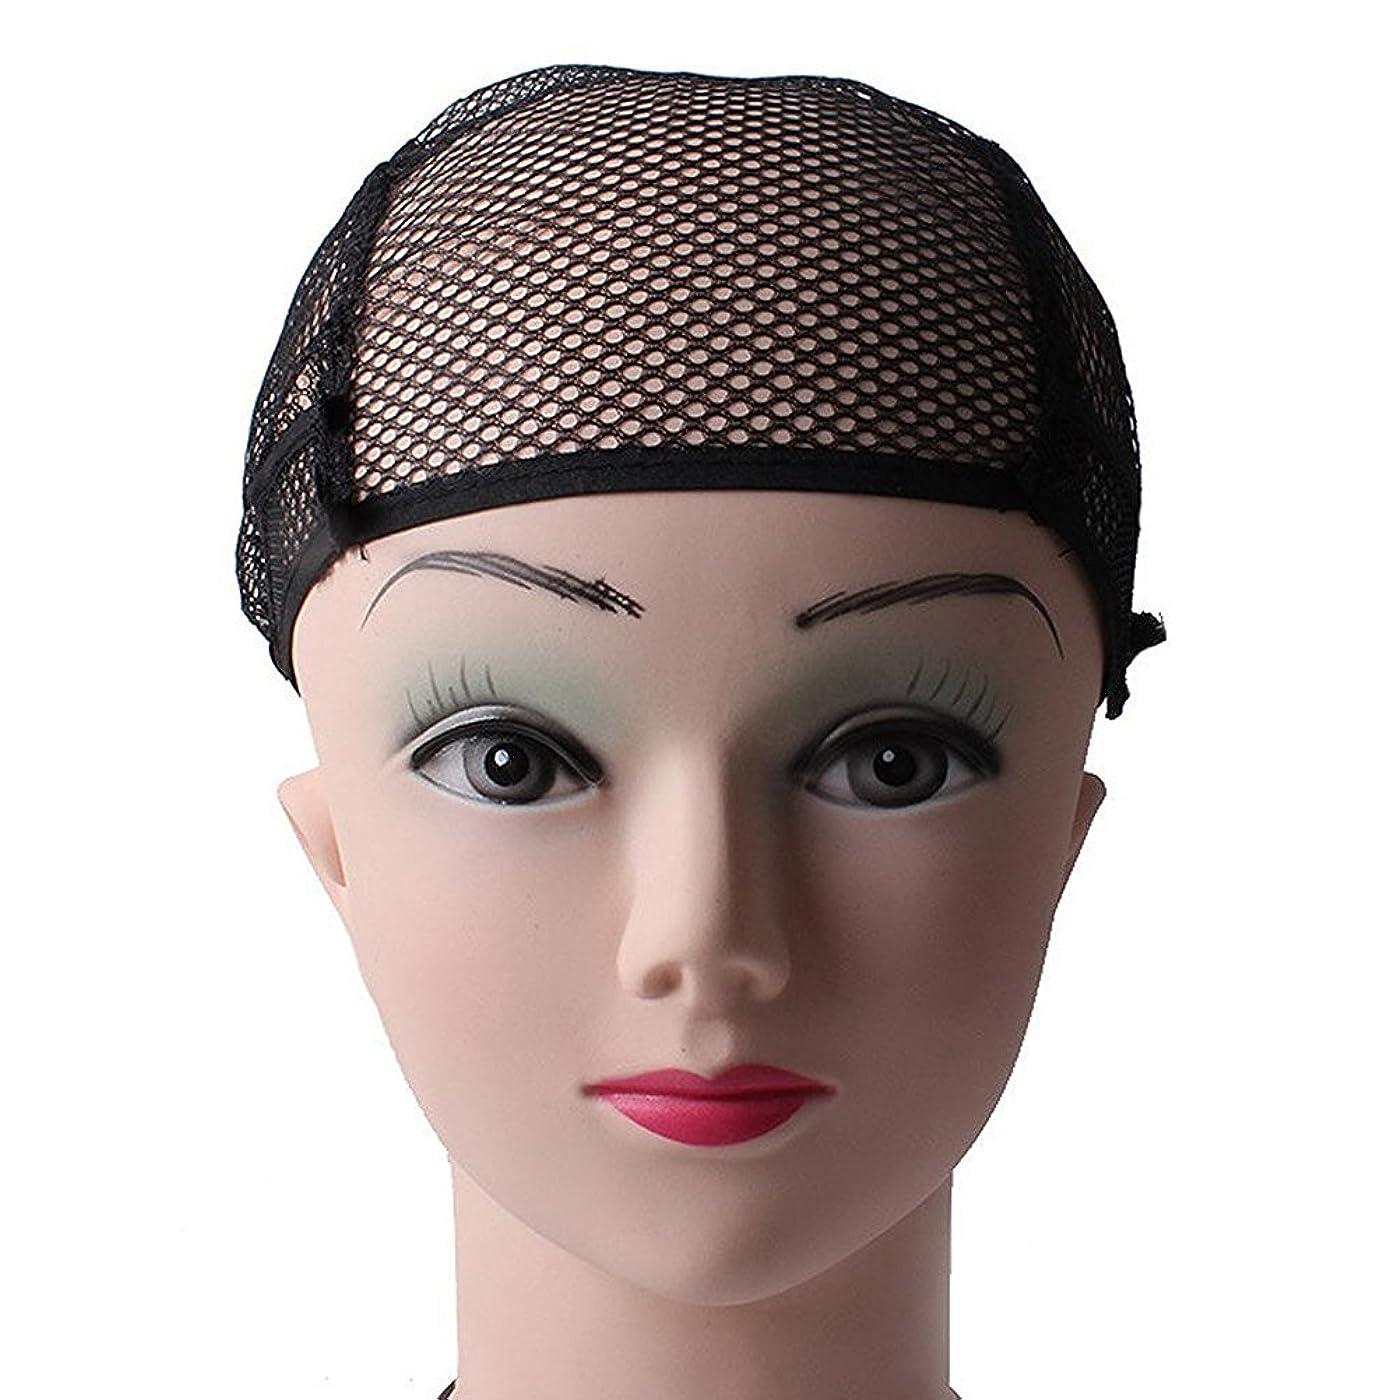 従順安価な部SUPVOX メッシュネットウィッグキャップオープンエンドウィッグキャップ男性用メッシュネットライナー製織キャップ女性(ブラック)